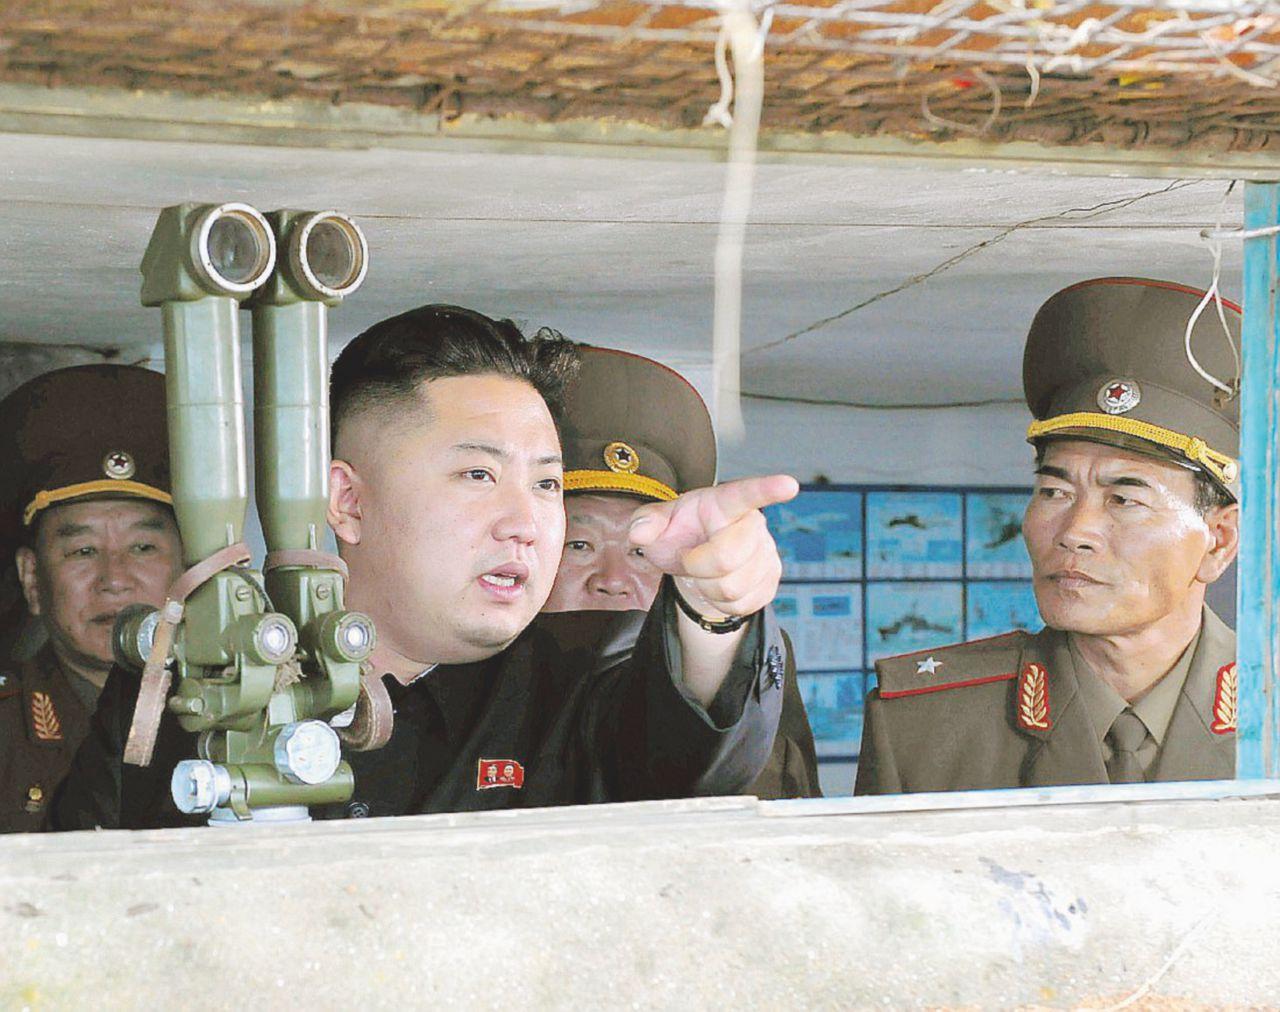 Kim lo spaventapasseri fa felice l'industria Usa